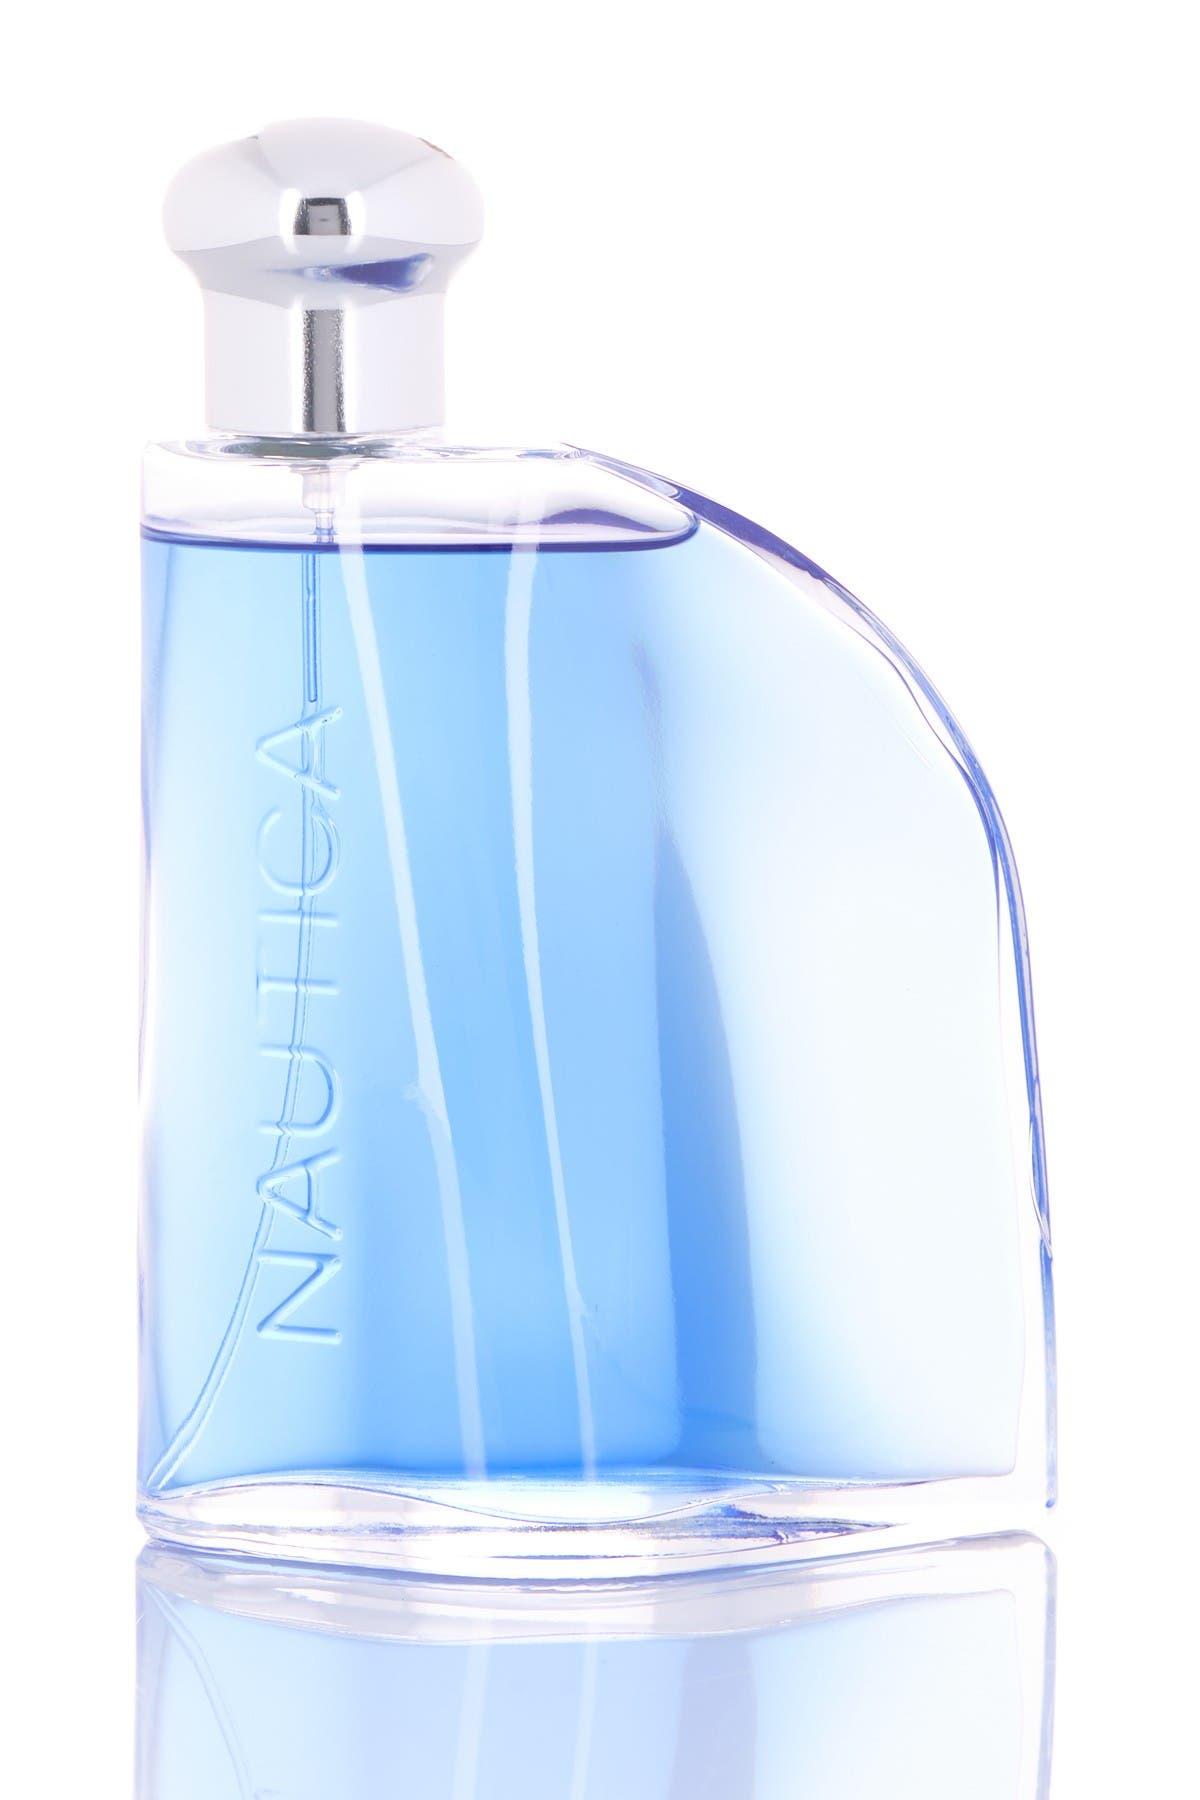 Image of Nautica Men's Blue Eau de Toilette Spray - 3.4 fl. oz.